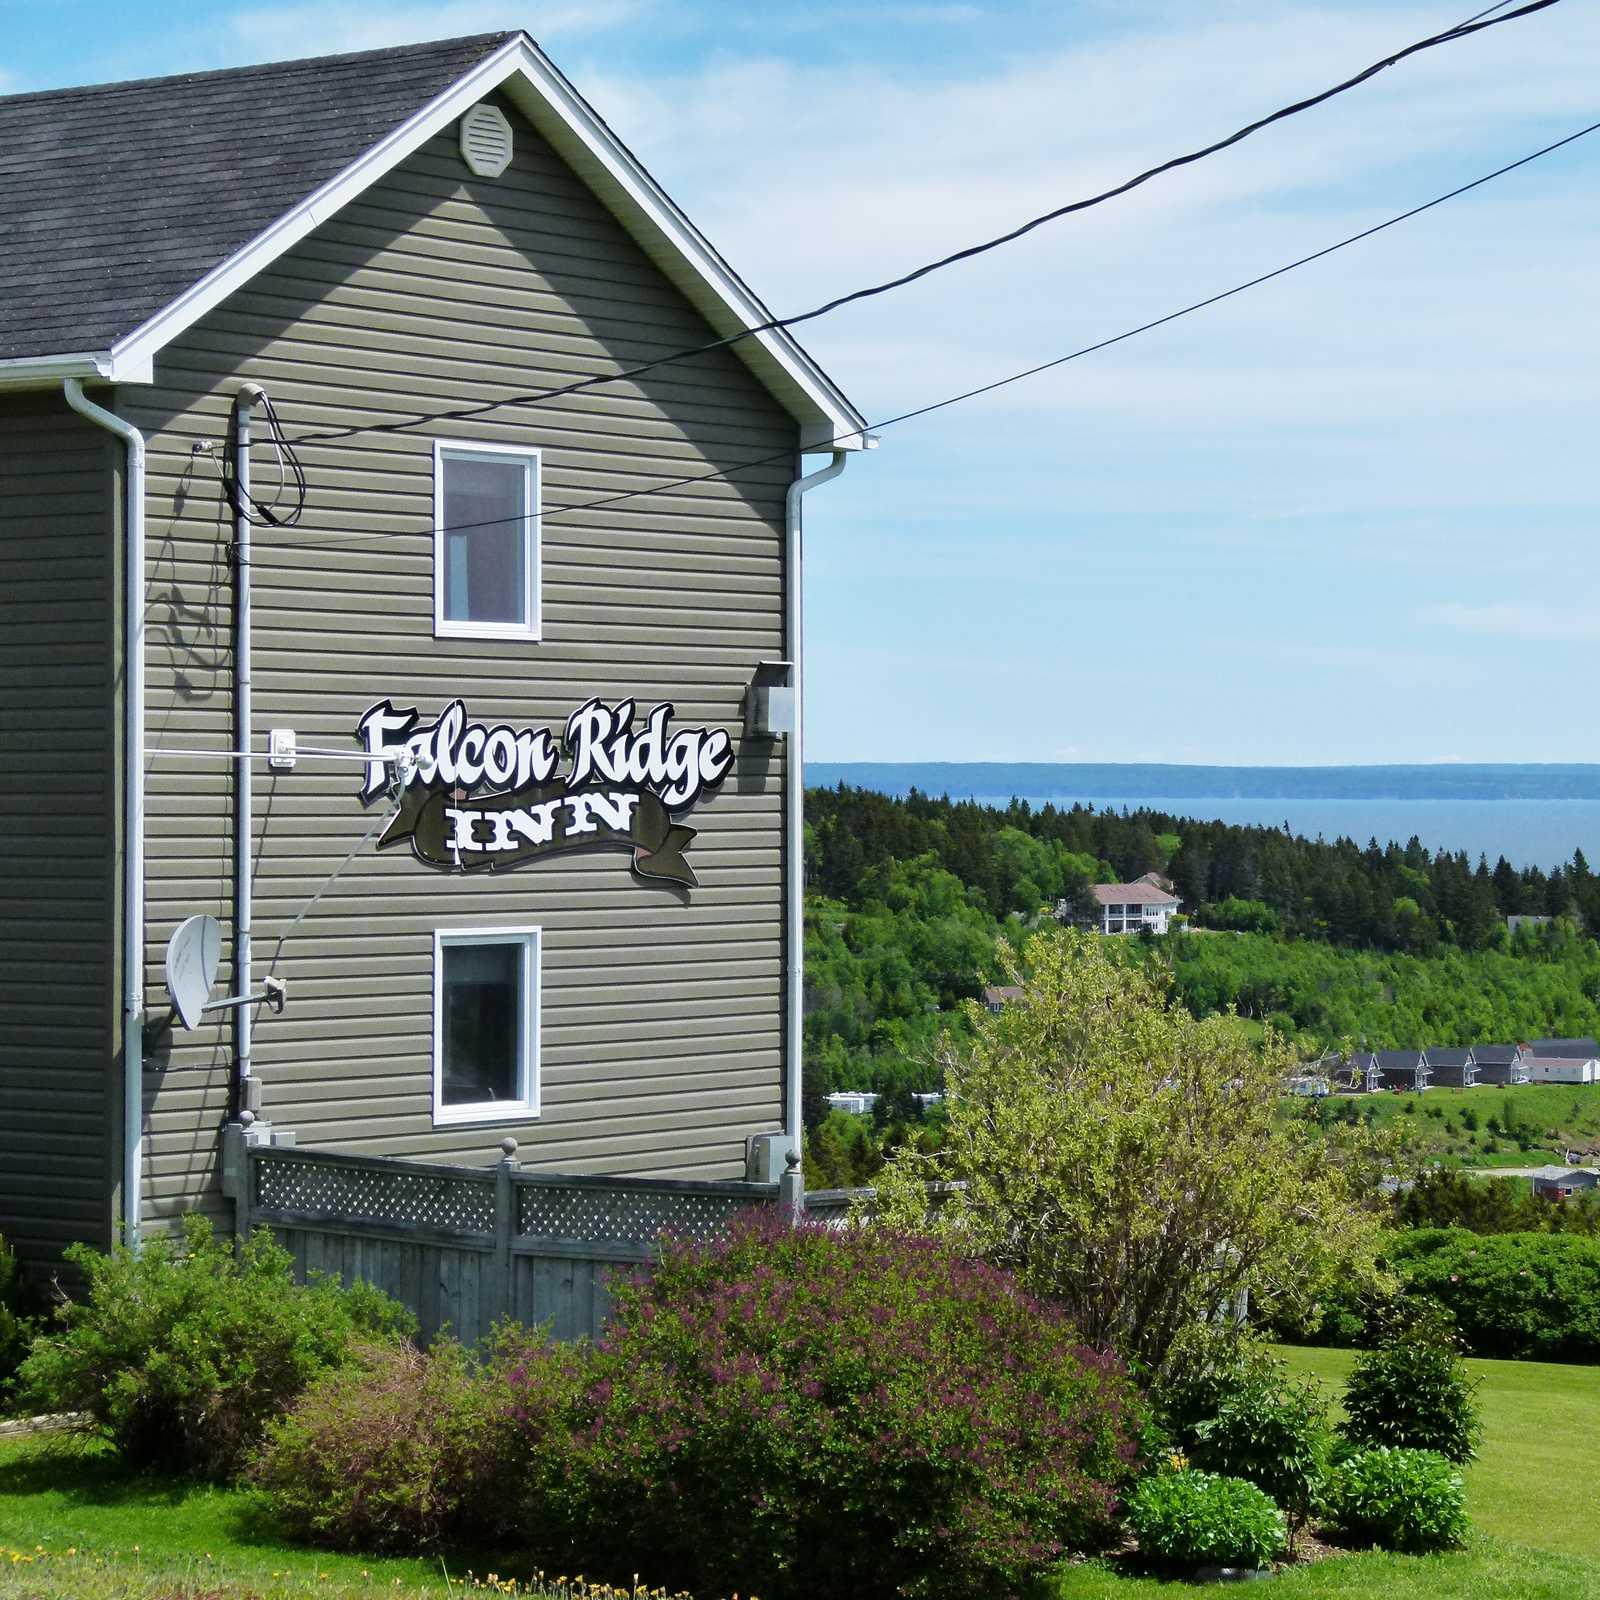 Falcon Ridge Inn